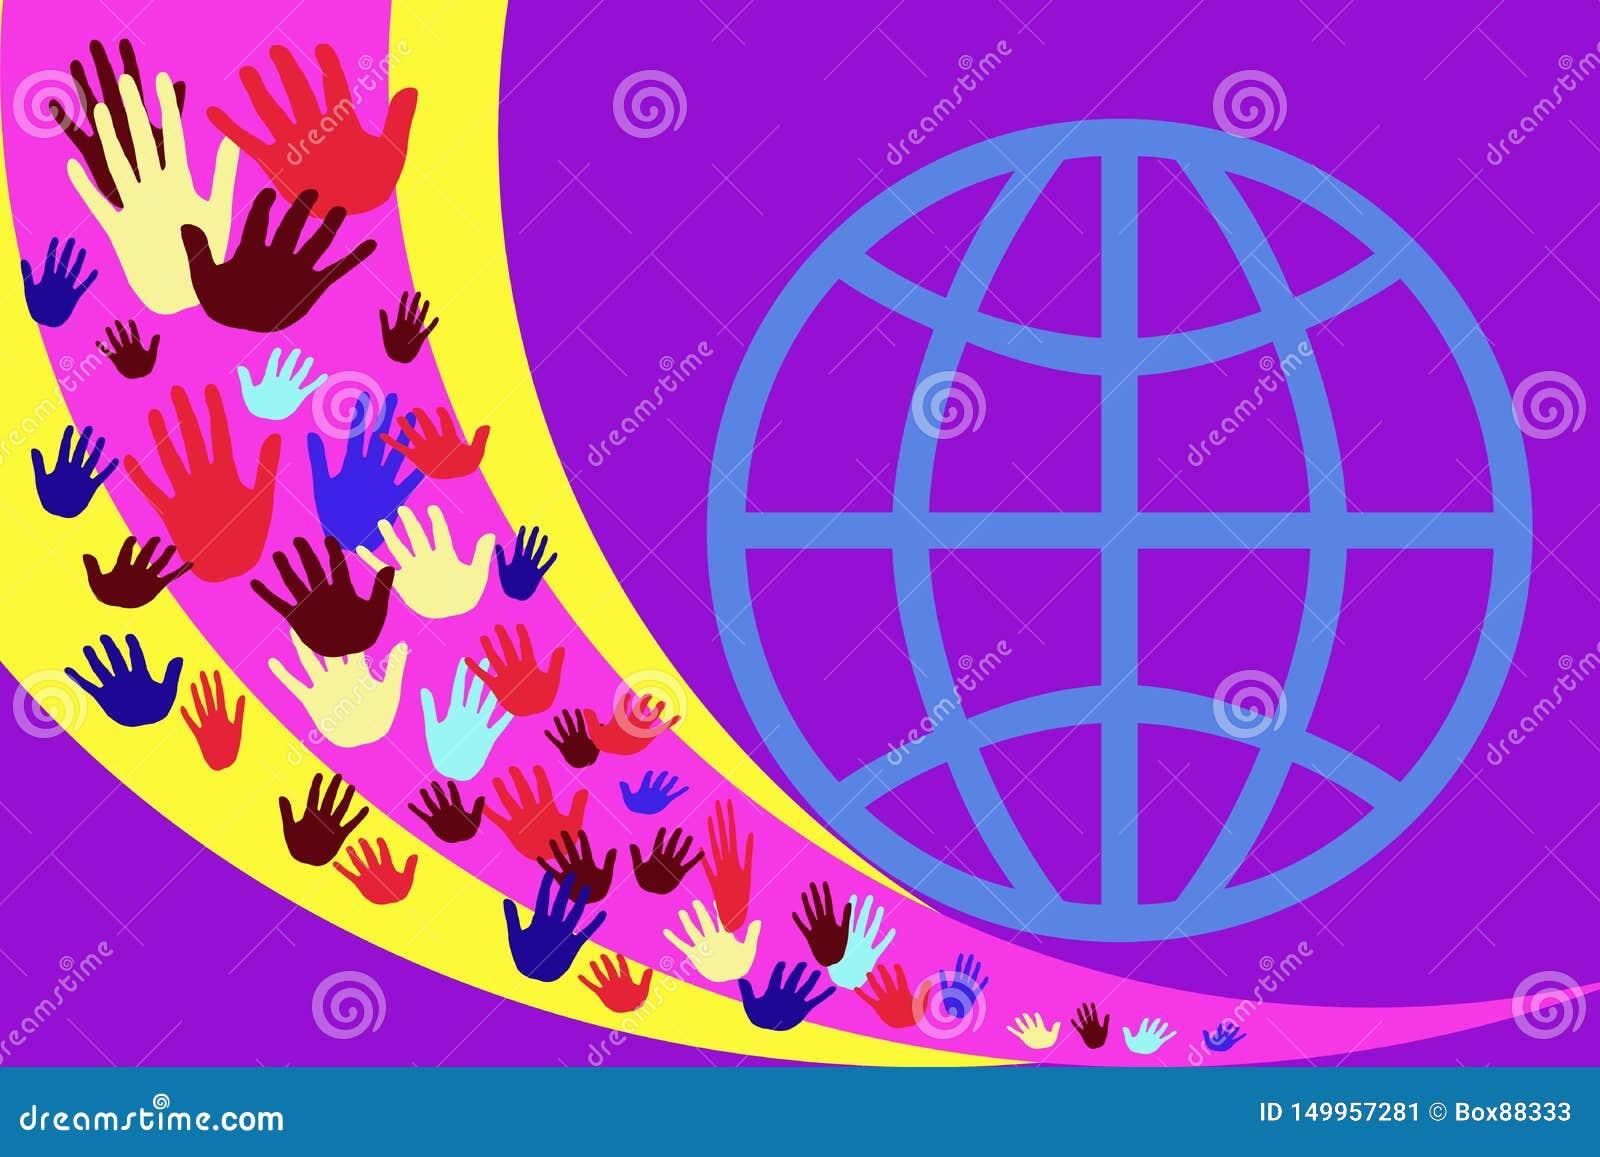 Image abstraite avec les mains multicolores sur un fond des rayures jaunes et pourpres